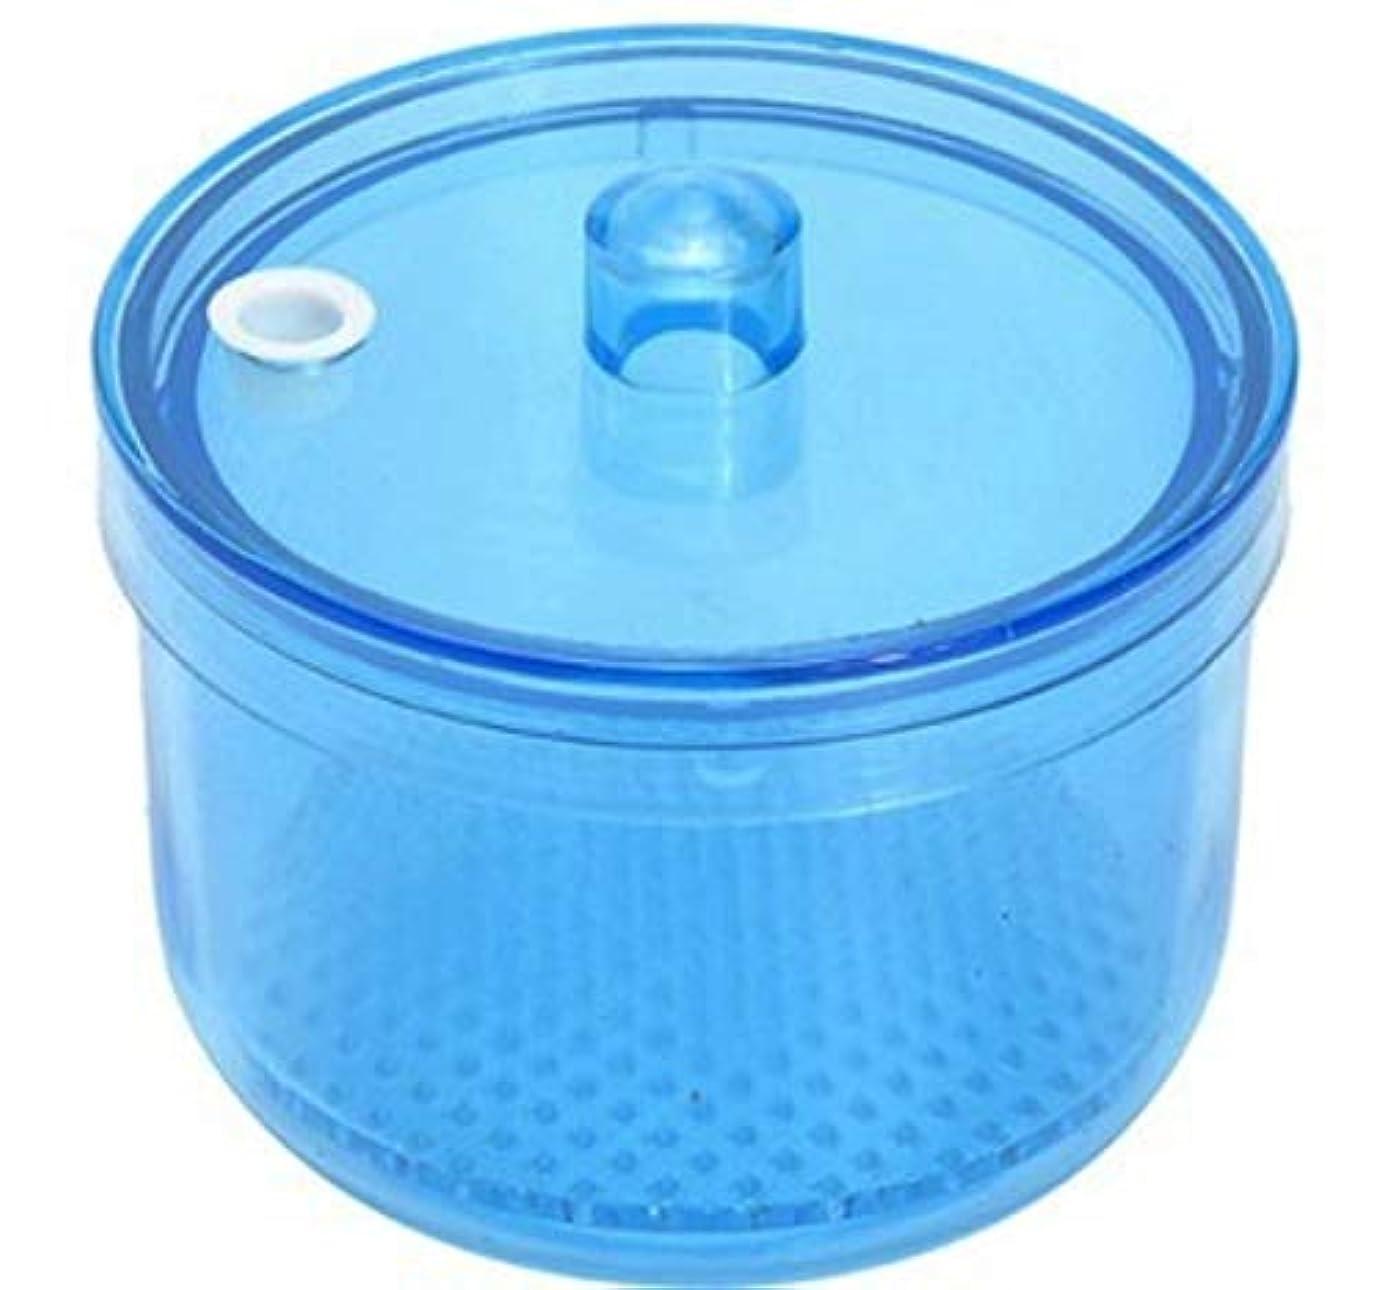 口ひげ証書暖かさMOFF 入れ歯洗浄ケース ポット 網付き リテーナーボックス デンタルケース 高温高圧殺菌 洗浄剤対応可能 耐熱温度134度 シンプル (ブルー)